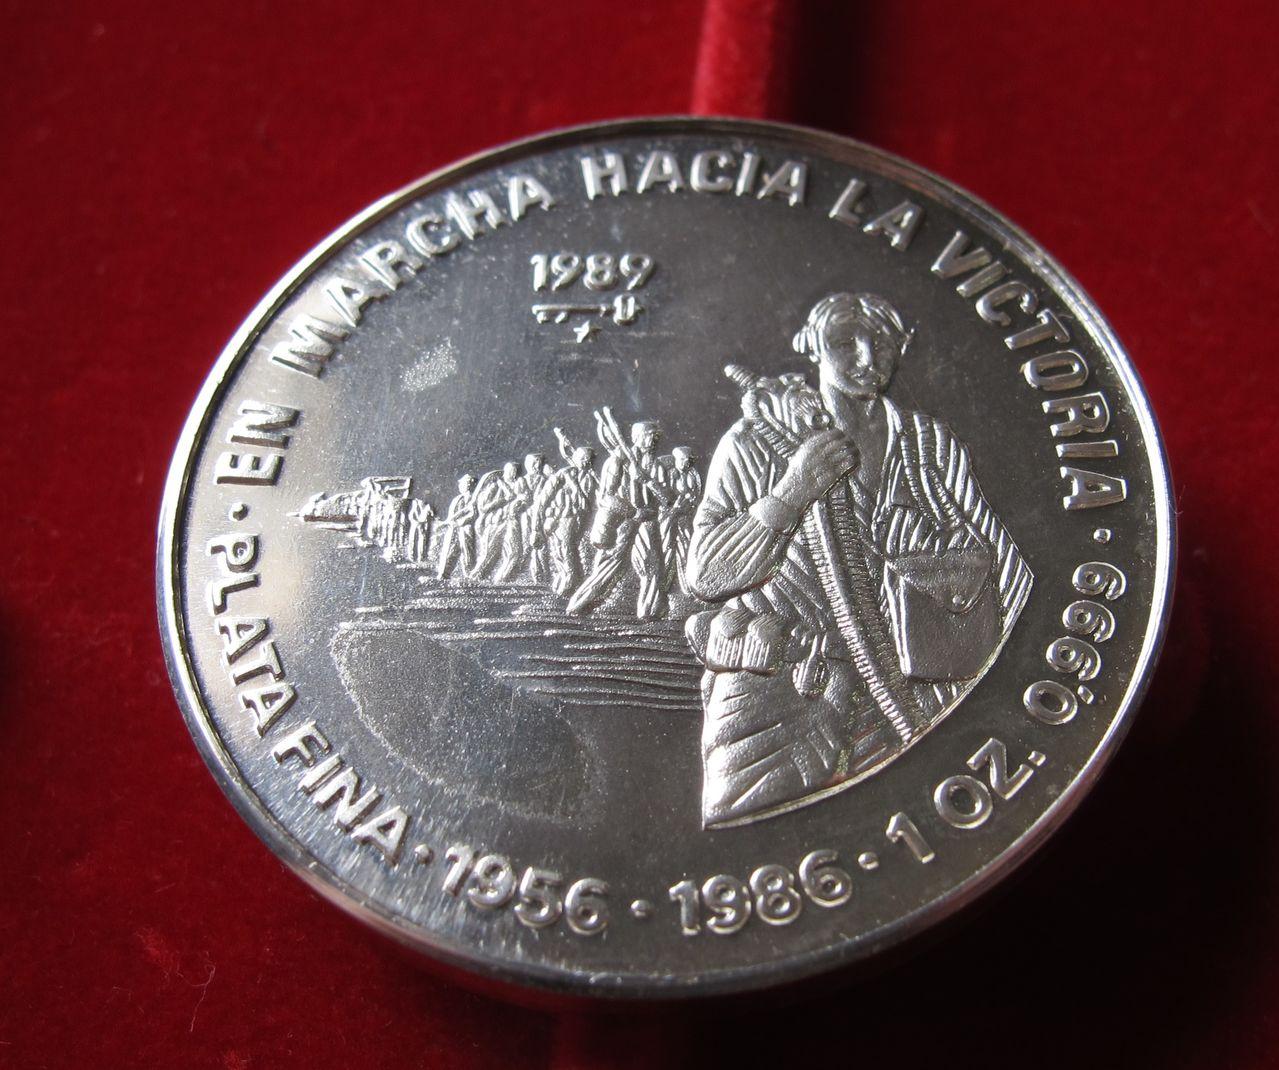 10 pesos 1989. En marcha hacia la victoria. Cuba Cuba2